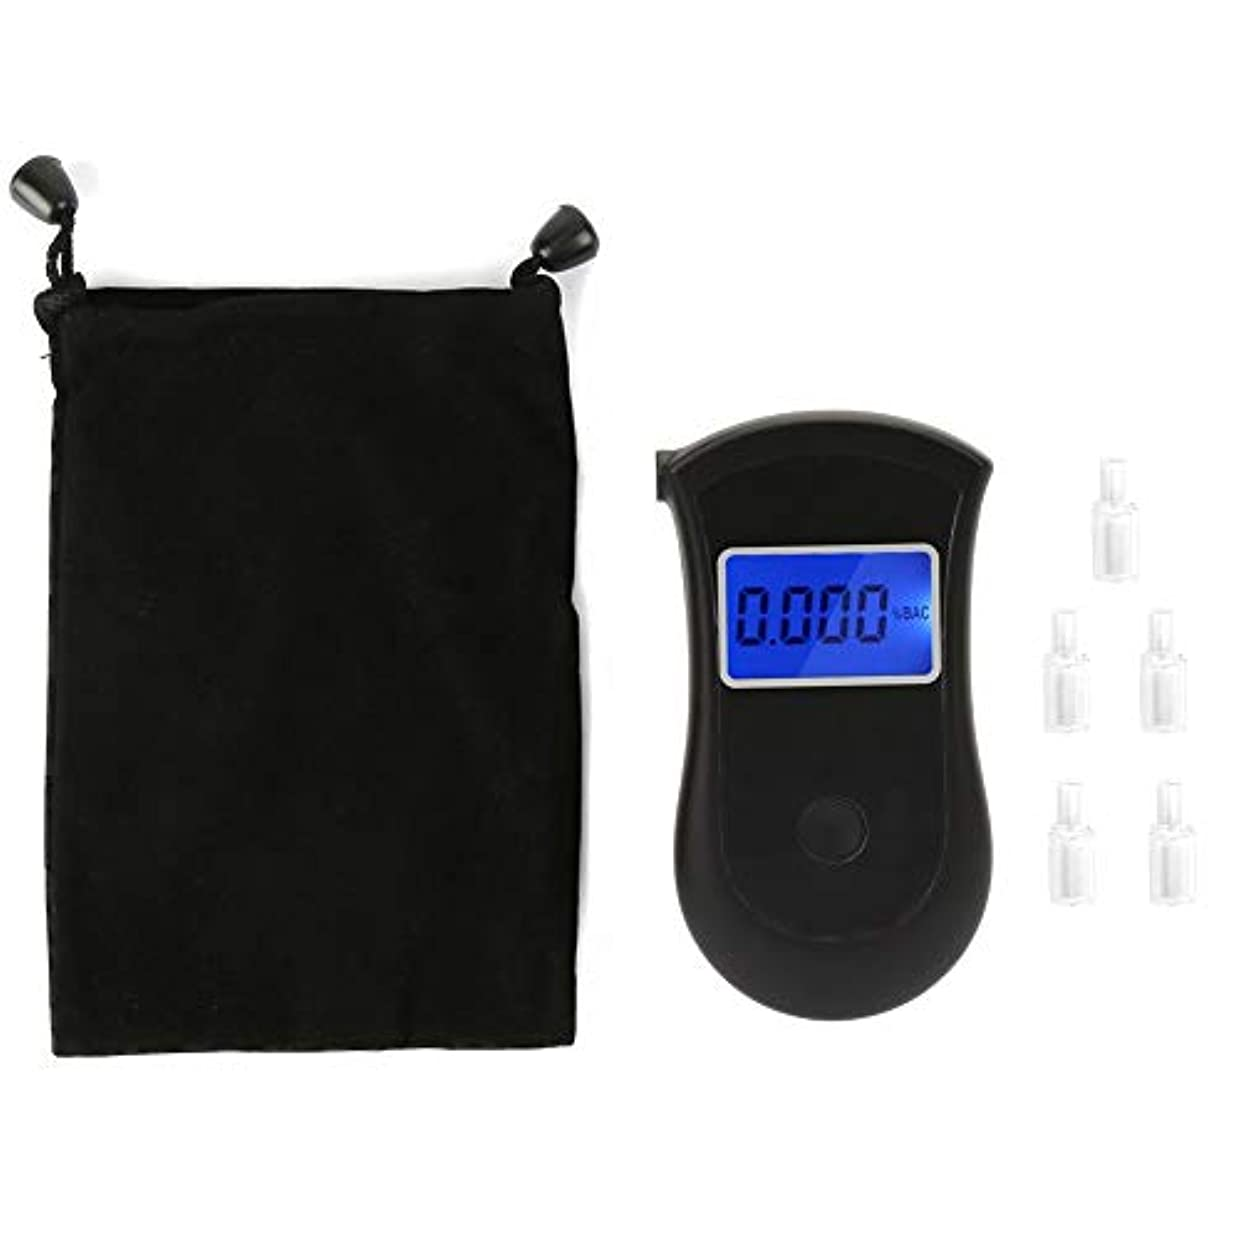 映画店員到着デジタル二重飲酒検知器の検出器の高精度な携帯用検光子